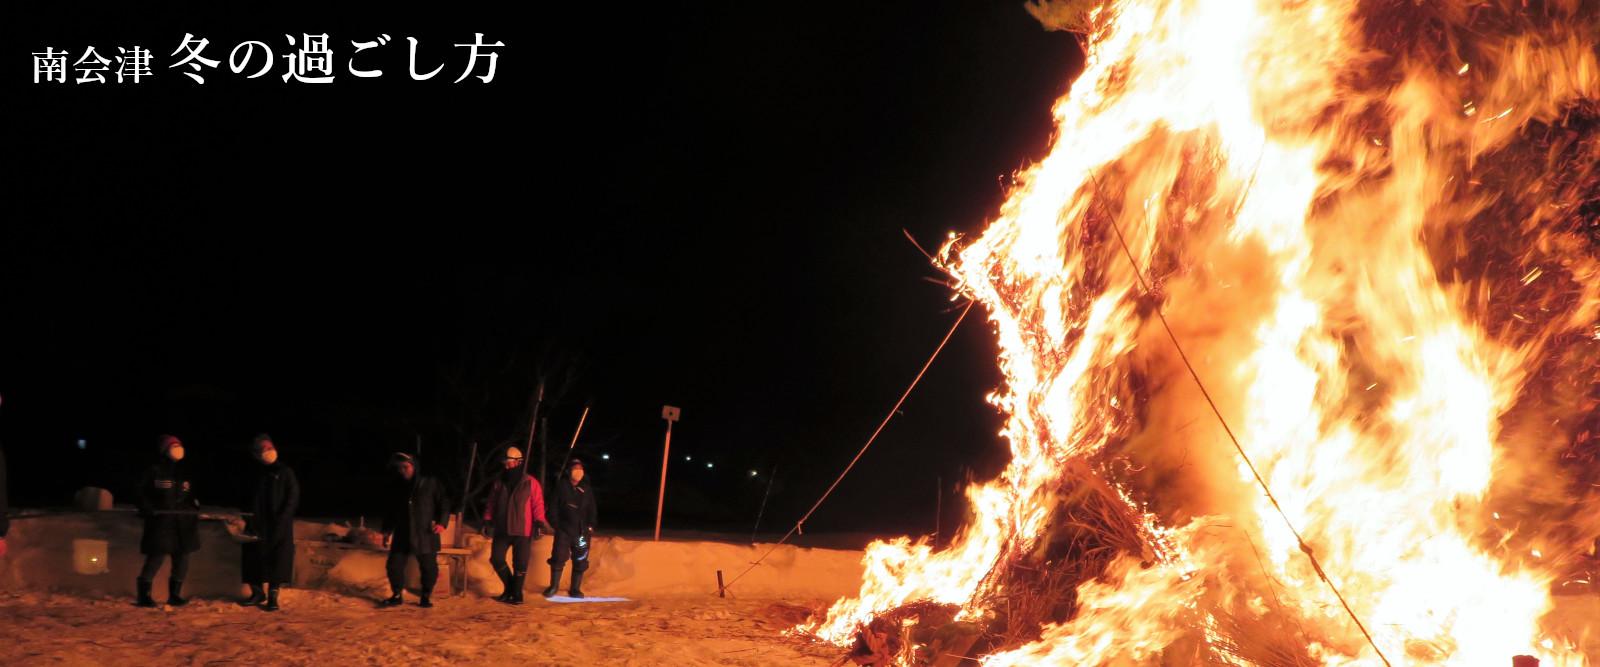 南会津地域の冬の過ごし方